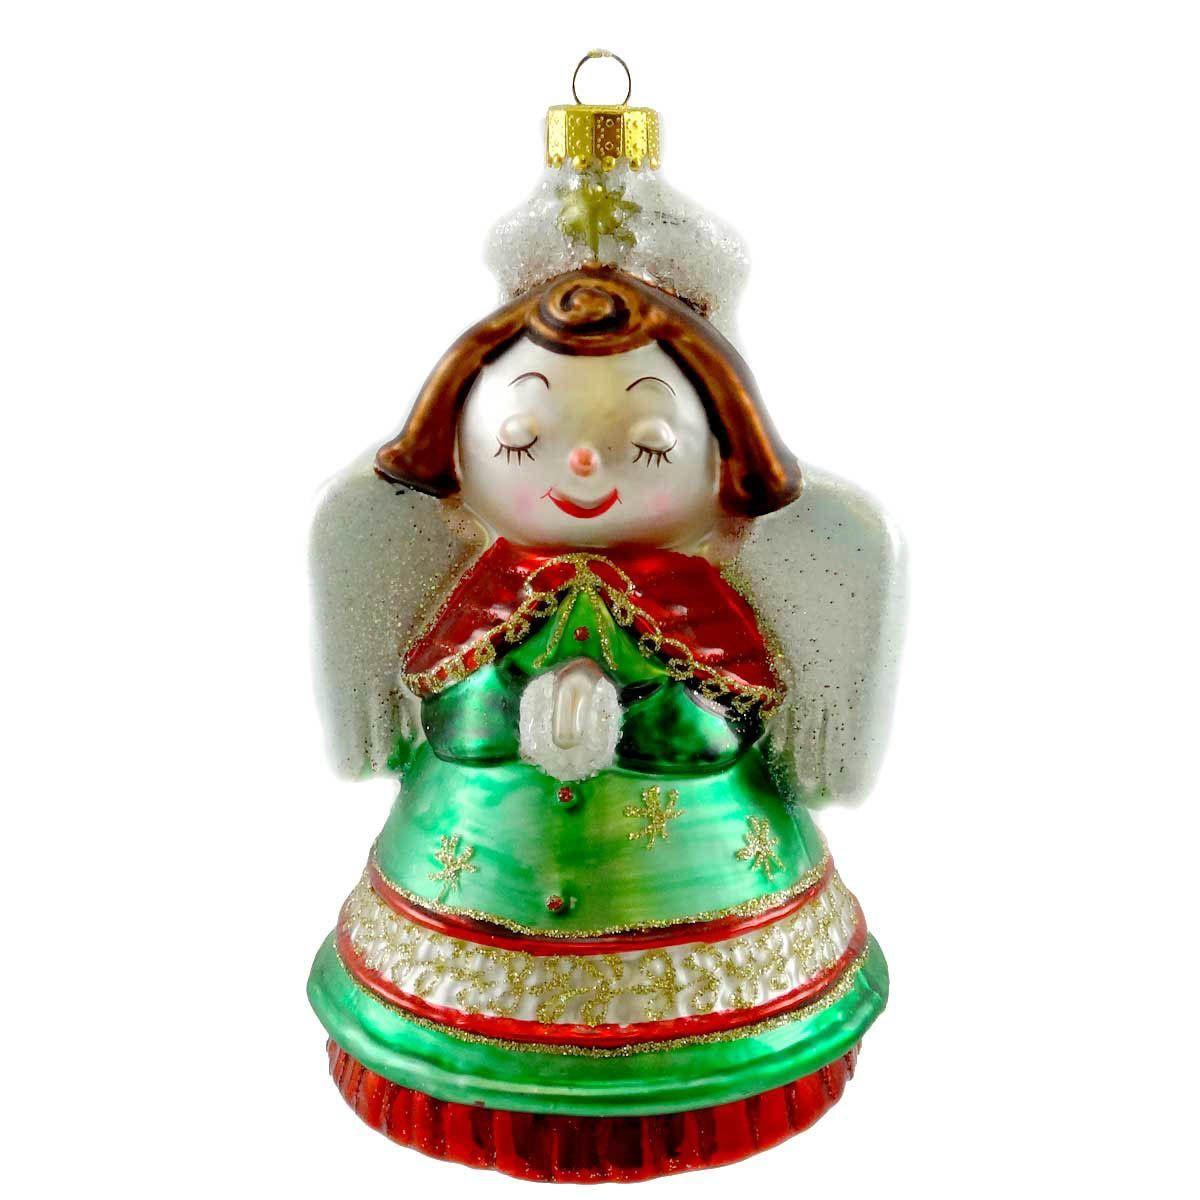 Holiday Ornament Retro Ornament Glass Ornament